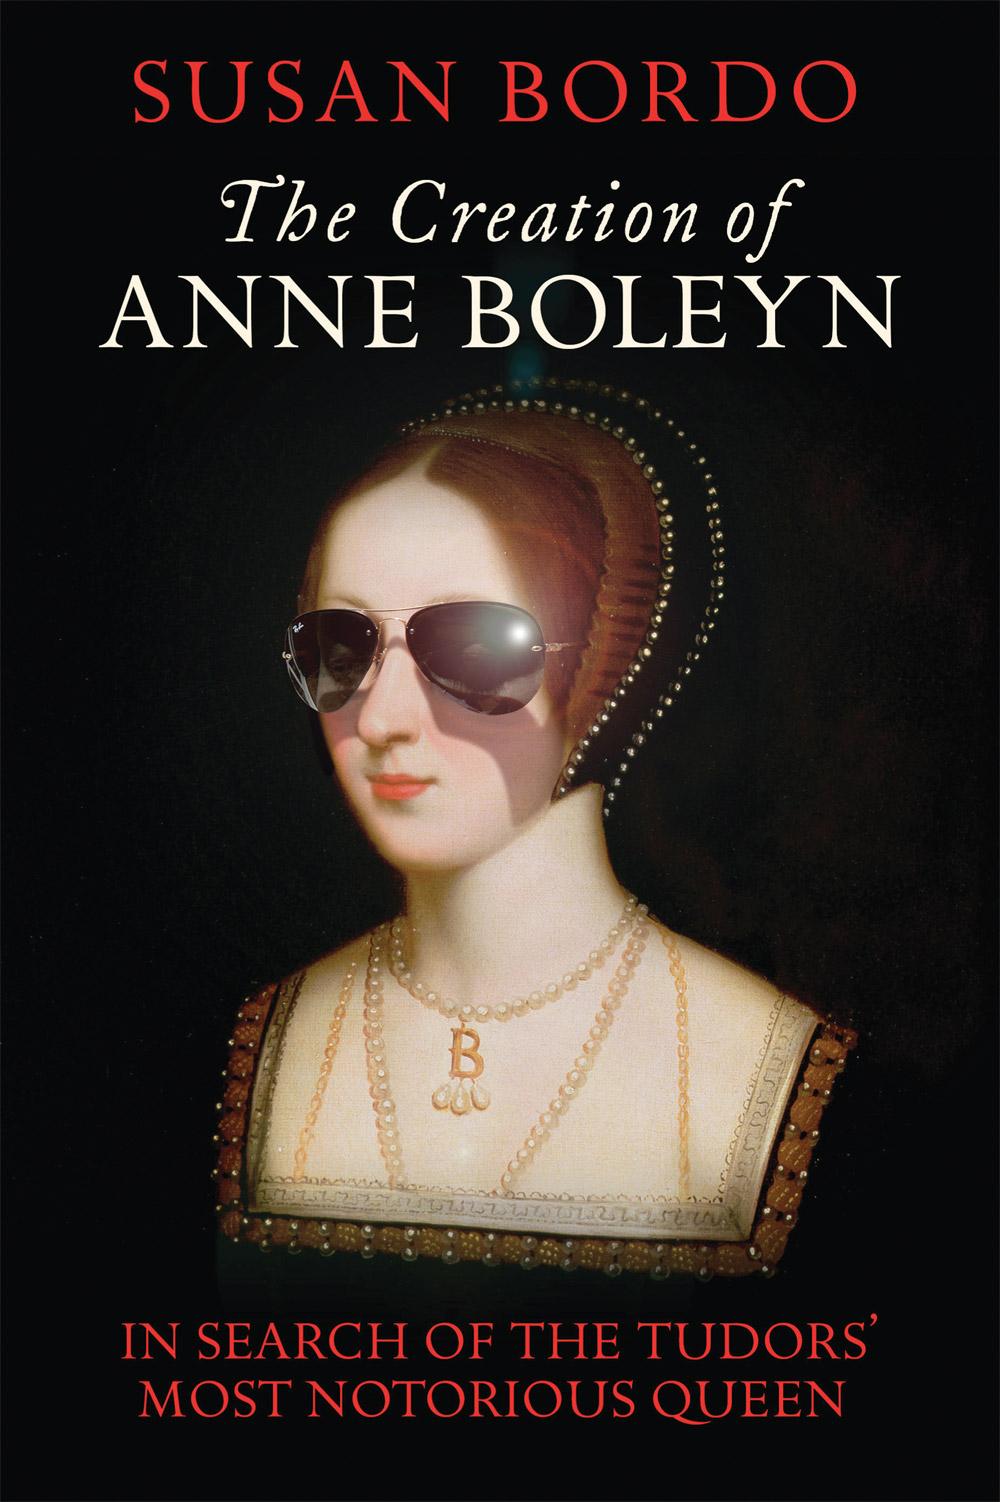 anne boleyn essay questions